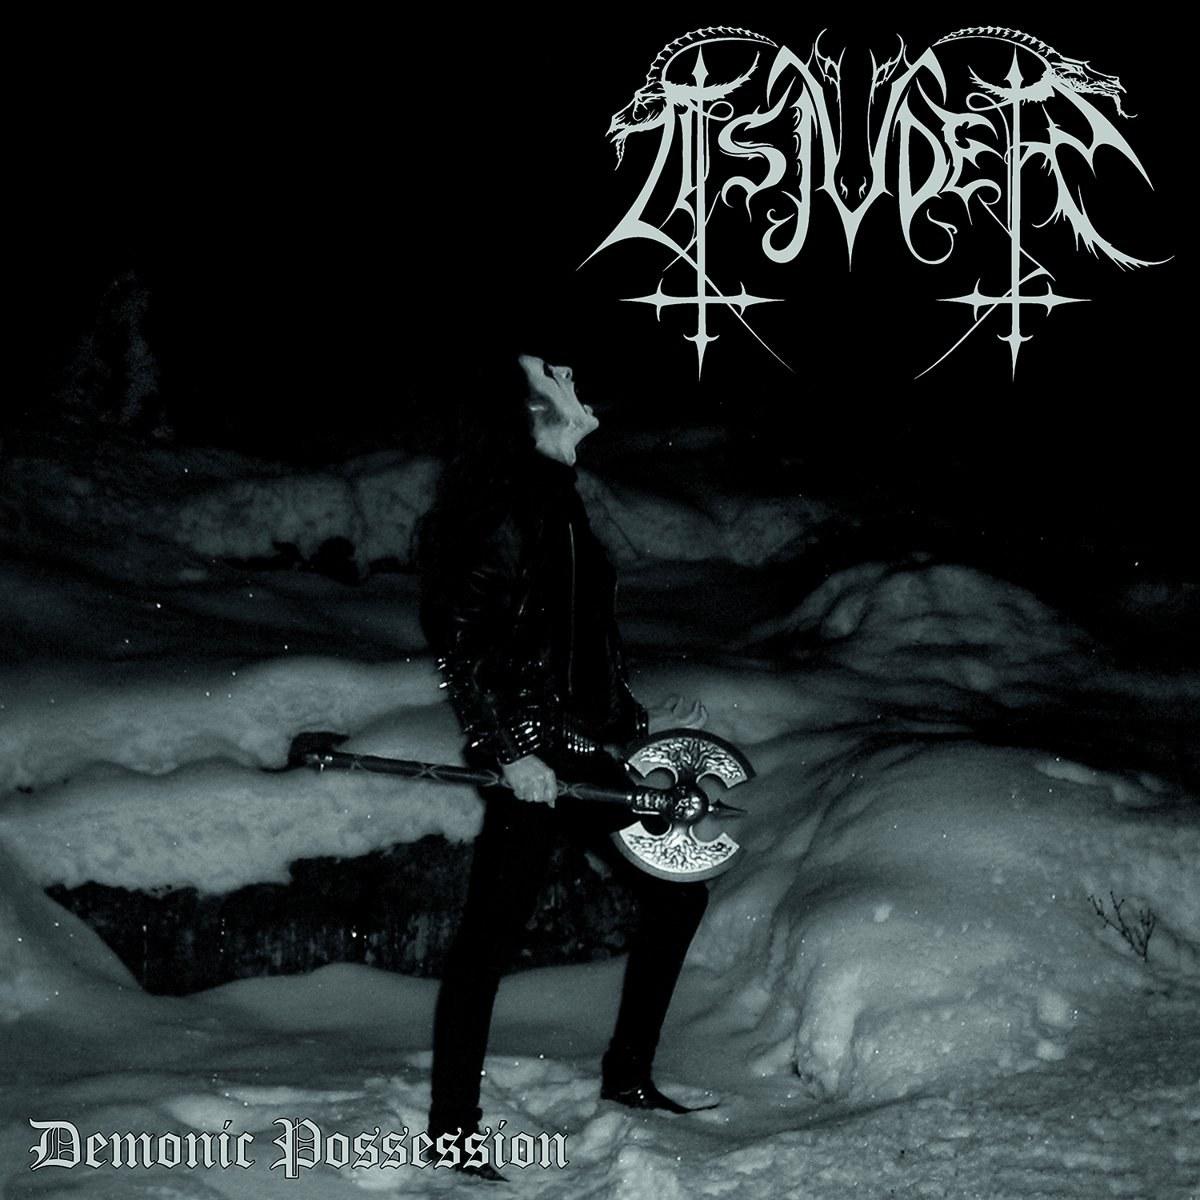 Review for Tsjuder - Demonic Possession